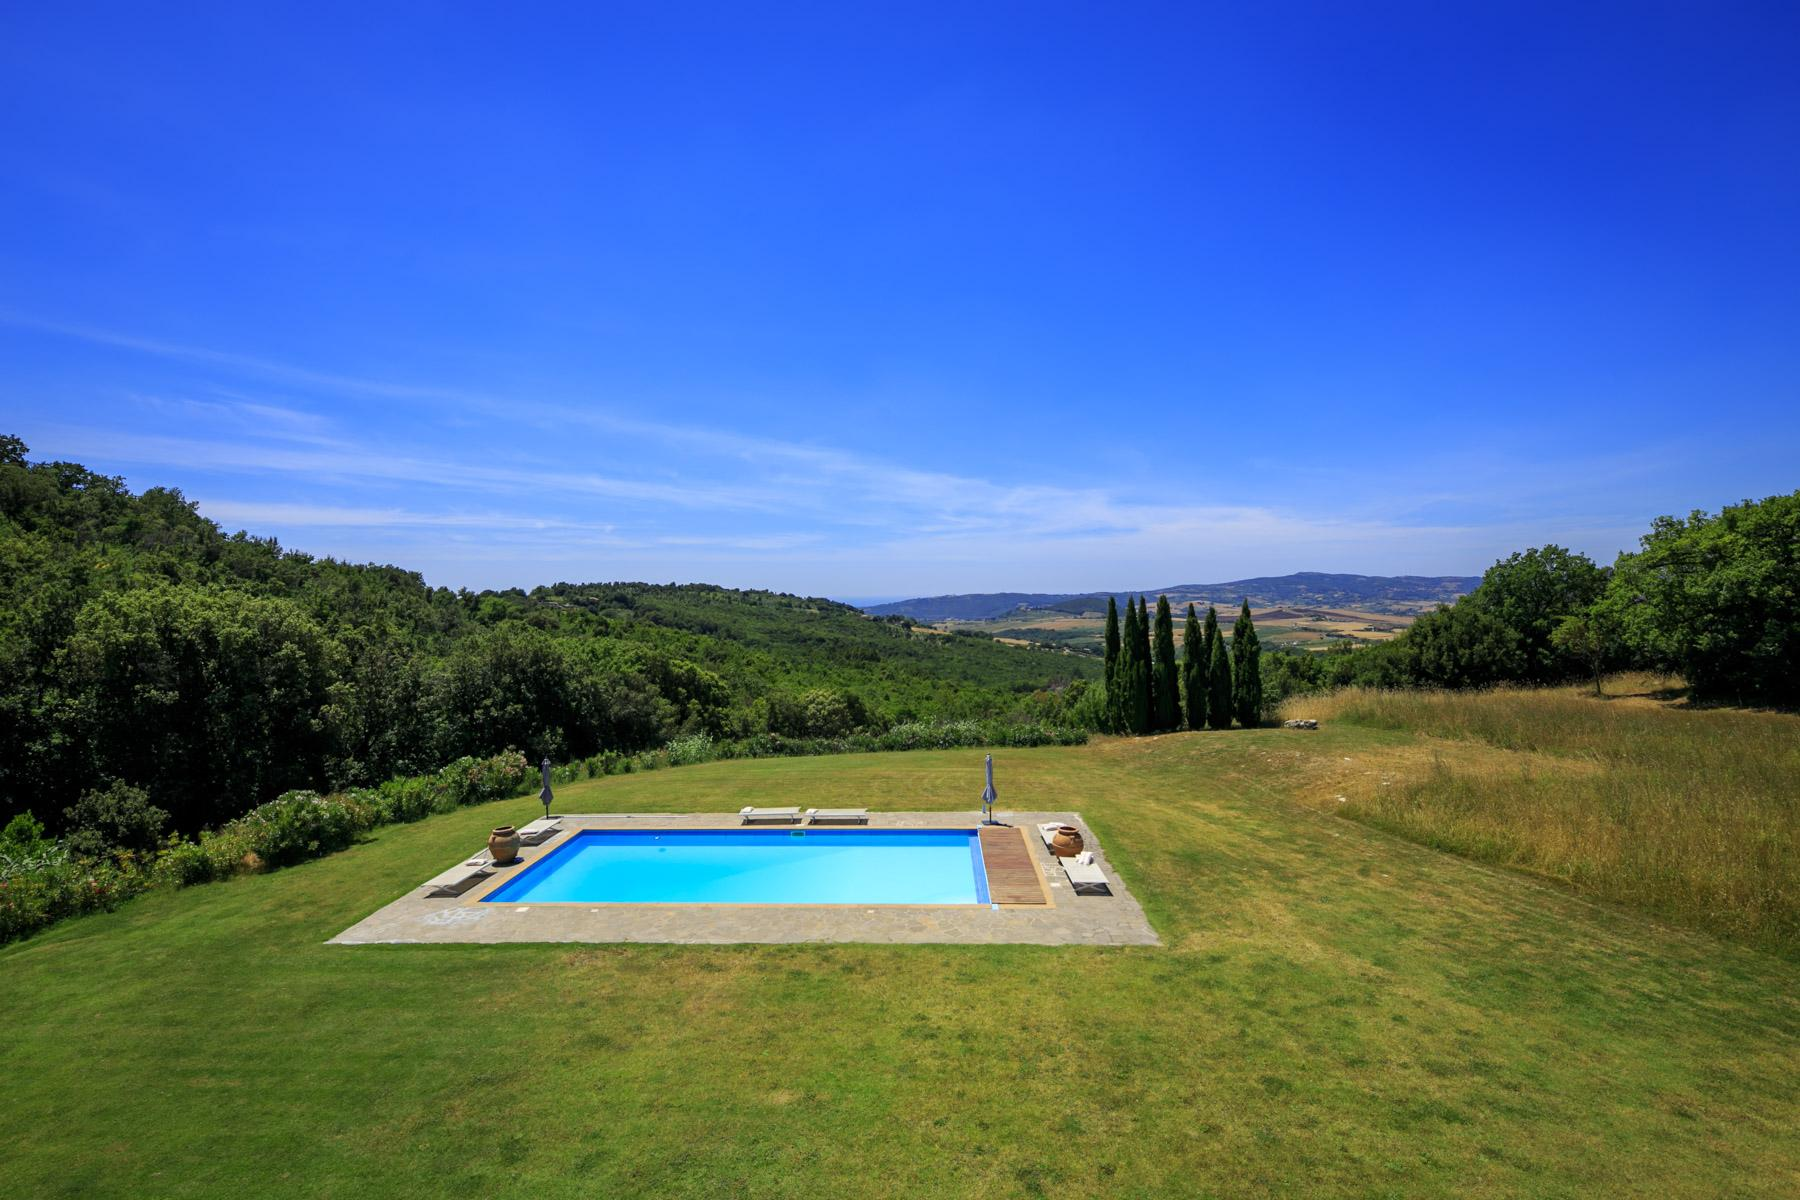 托斯卡纳地区拥有游泳池惬意的别墅 - 25